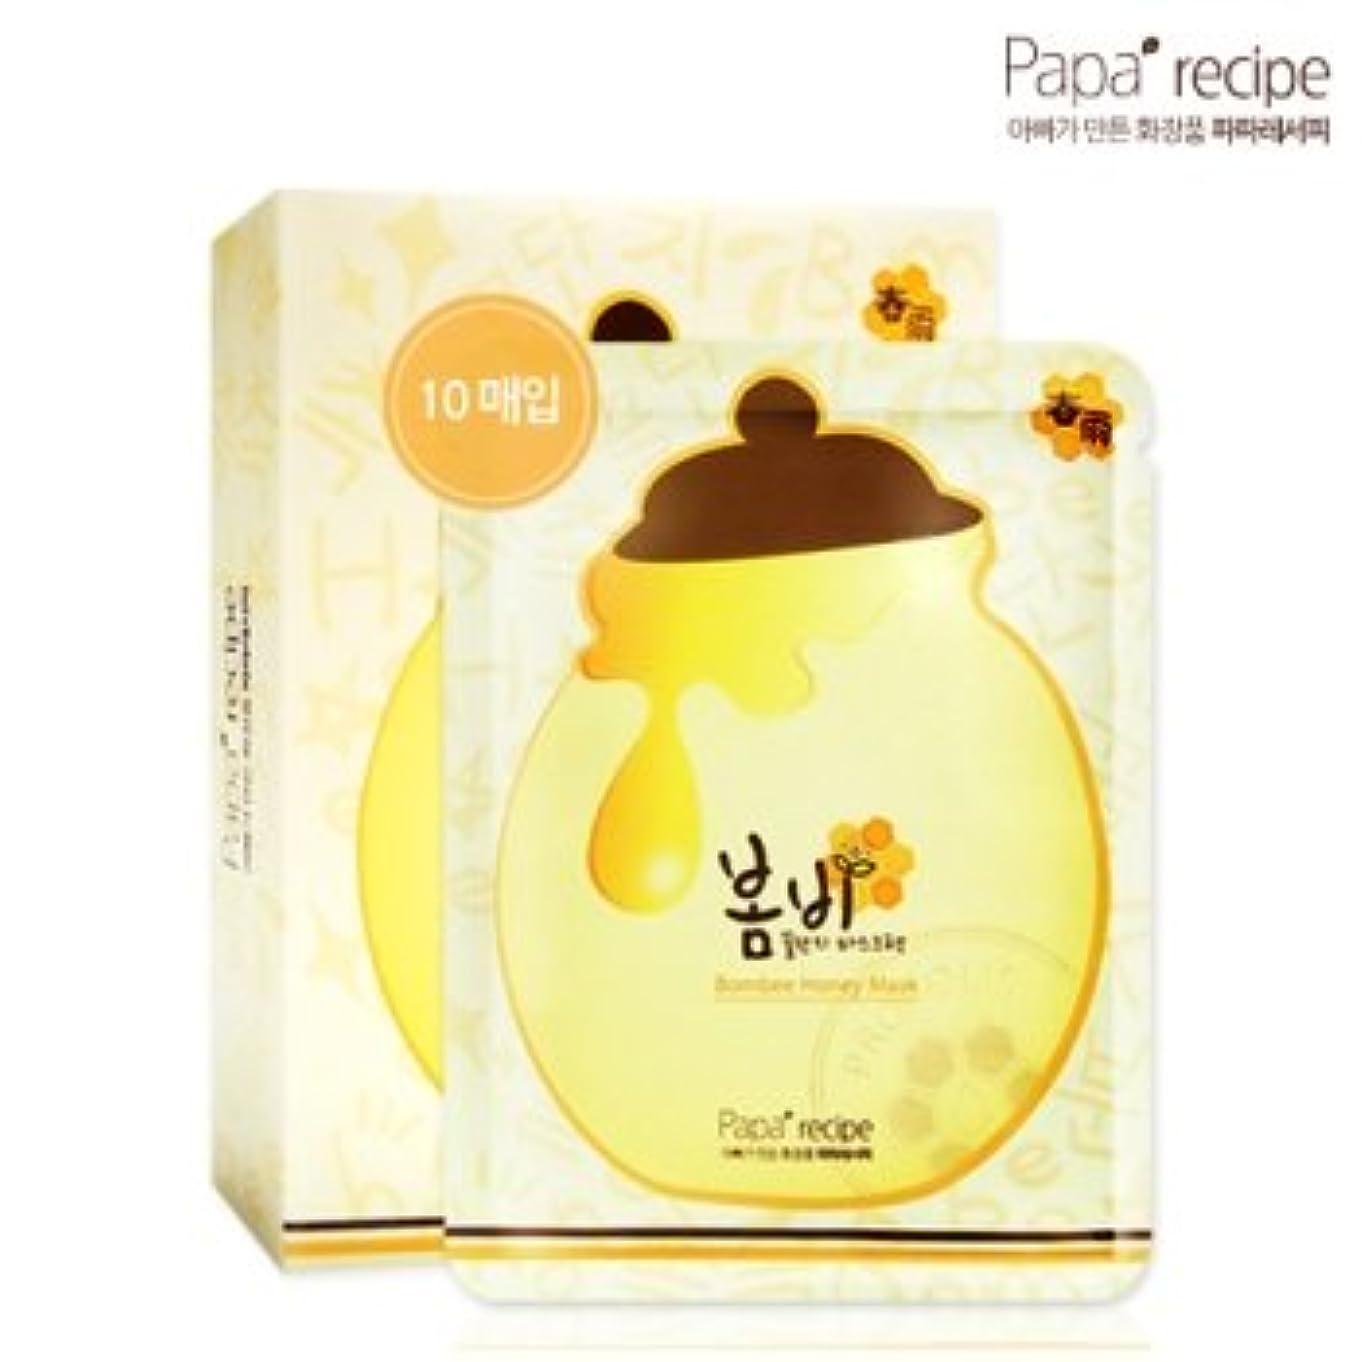 ハック資料学期パパレシピ(Paparecipe) 春雨蜜ツボマスクシート10枚(Paparecipe Bombee Honey Mask Sheet 10ea) [並行輸入品]